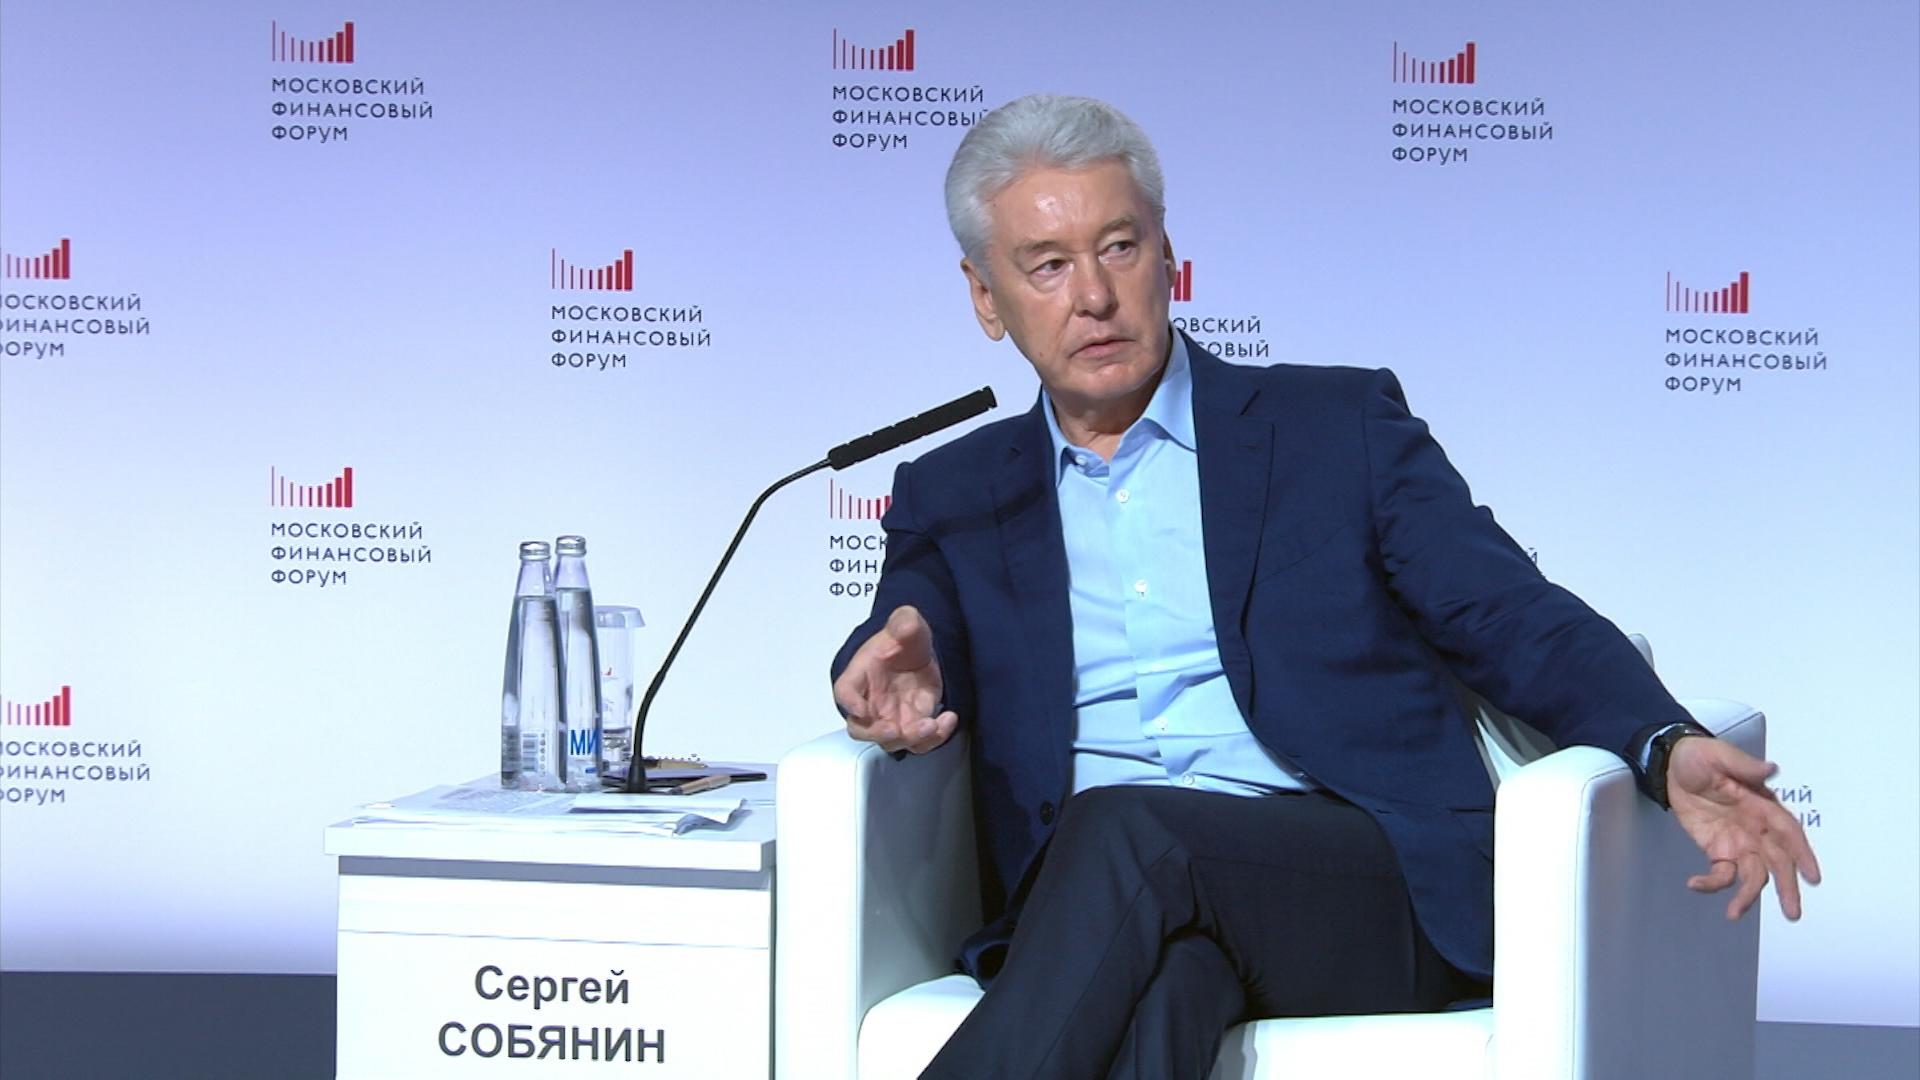 Сергей Собянин, выступает на московском финансовом форуме